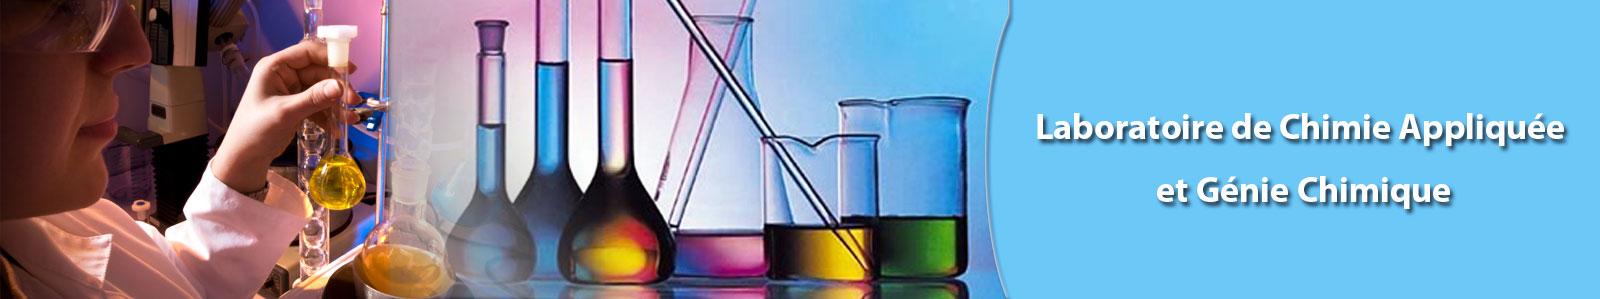 Laboratoire de Chimie Appliquée et Génie Chimique